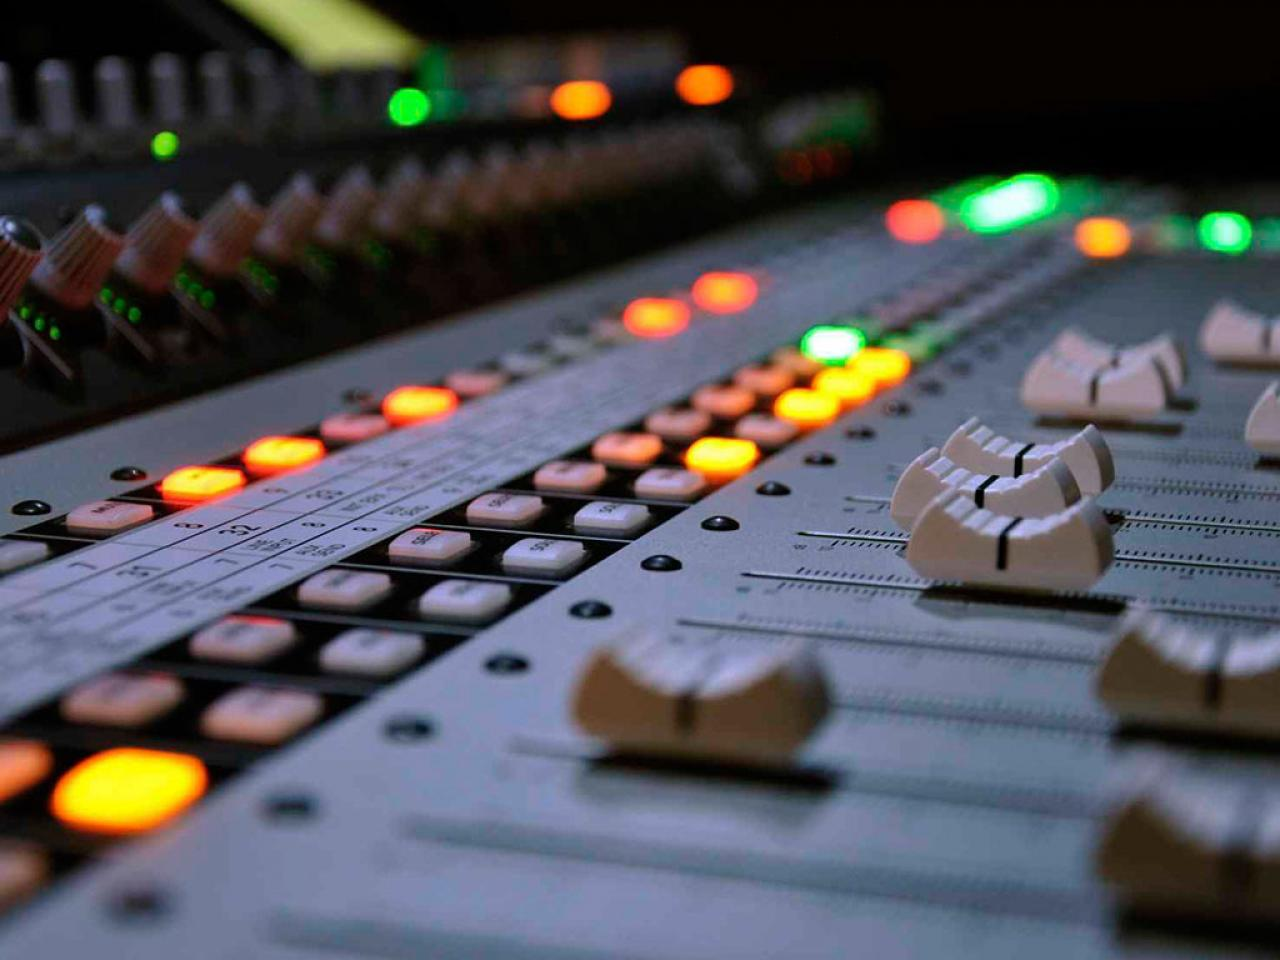 Imagen de Postproducción, mezcla y edición de audio por Movidagrafica